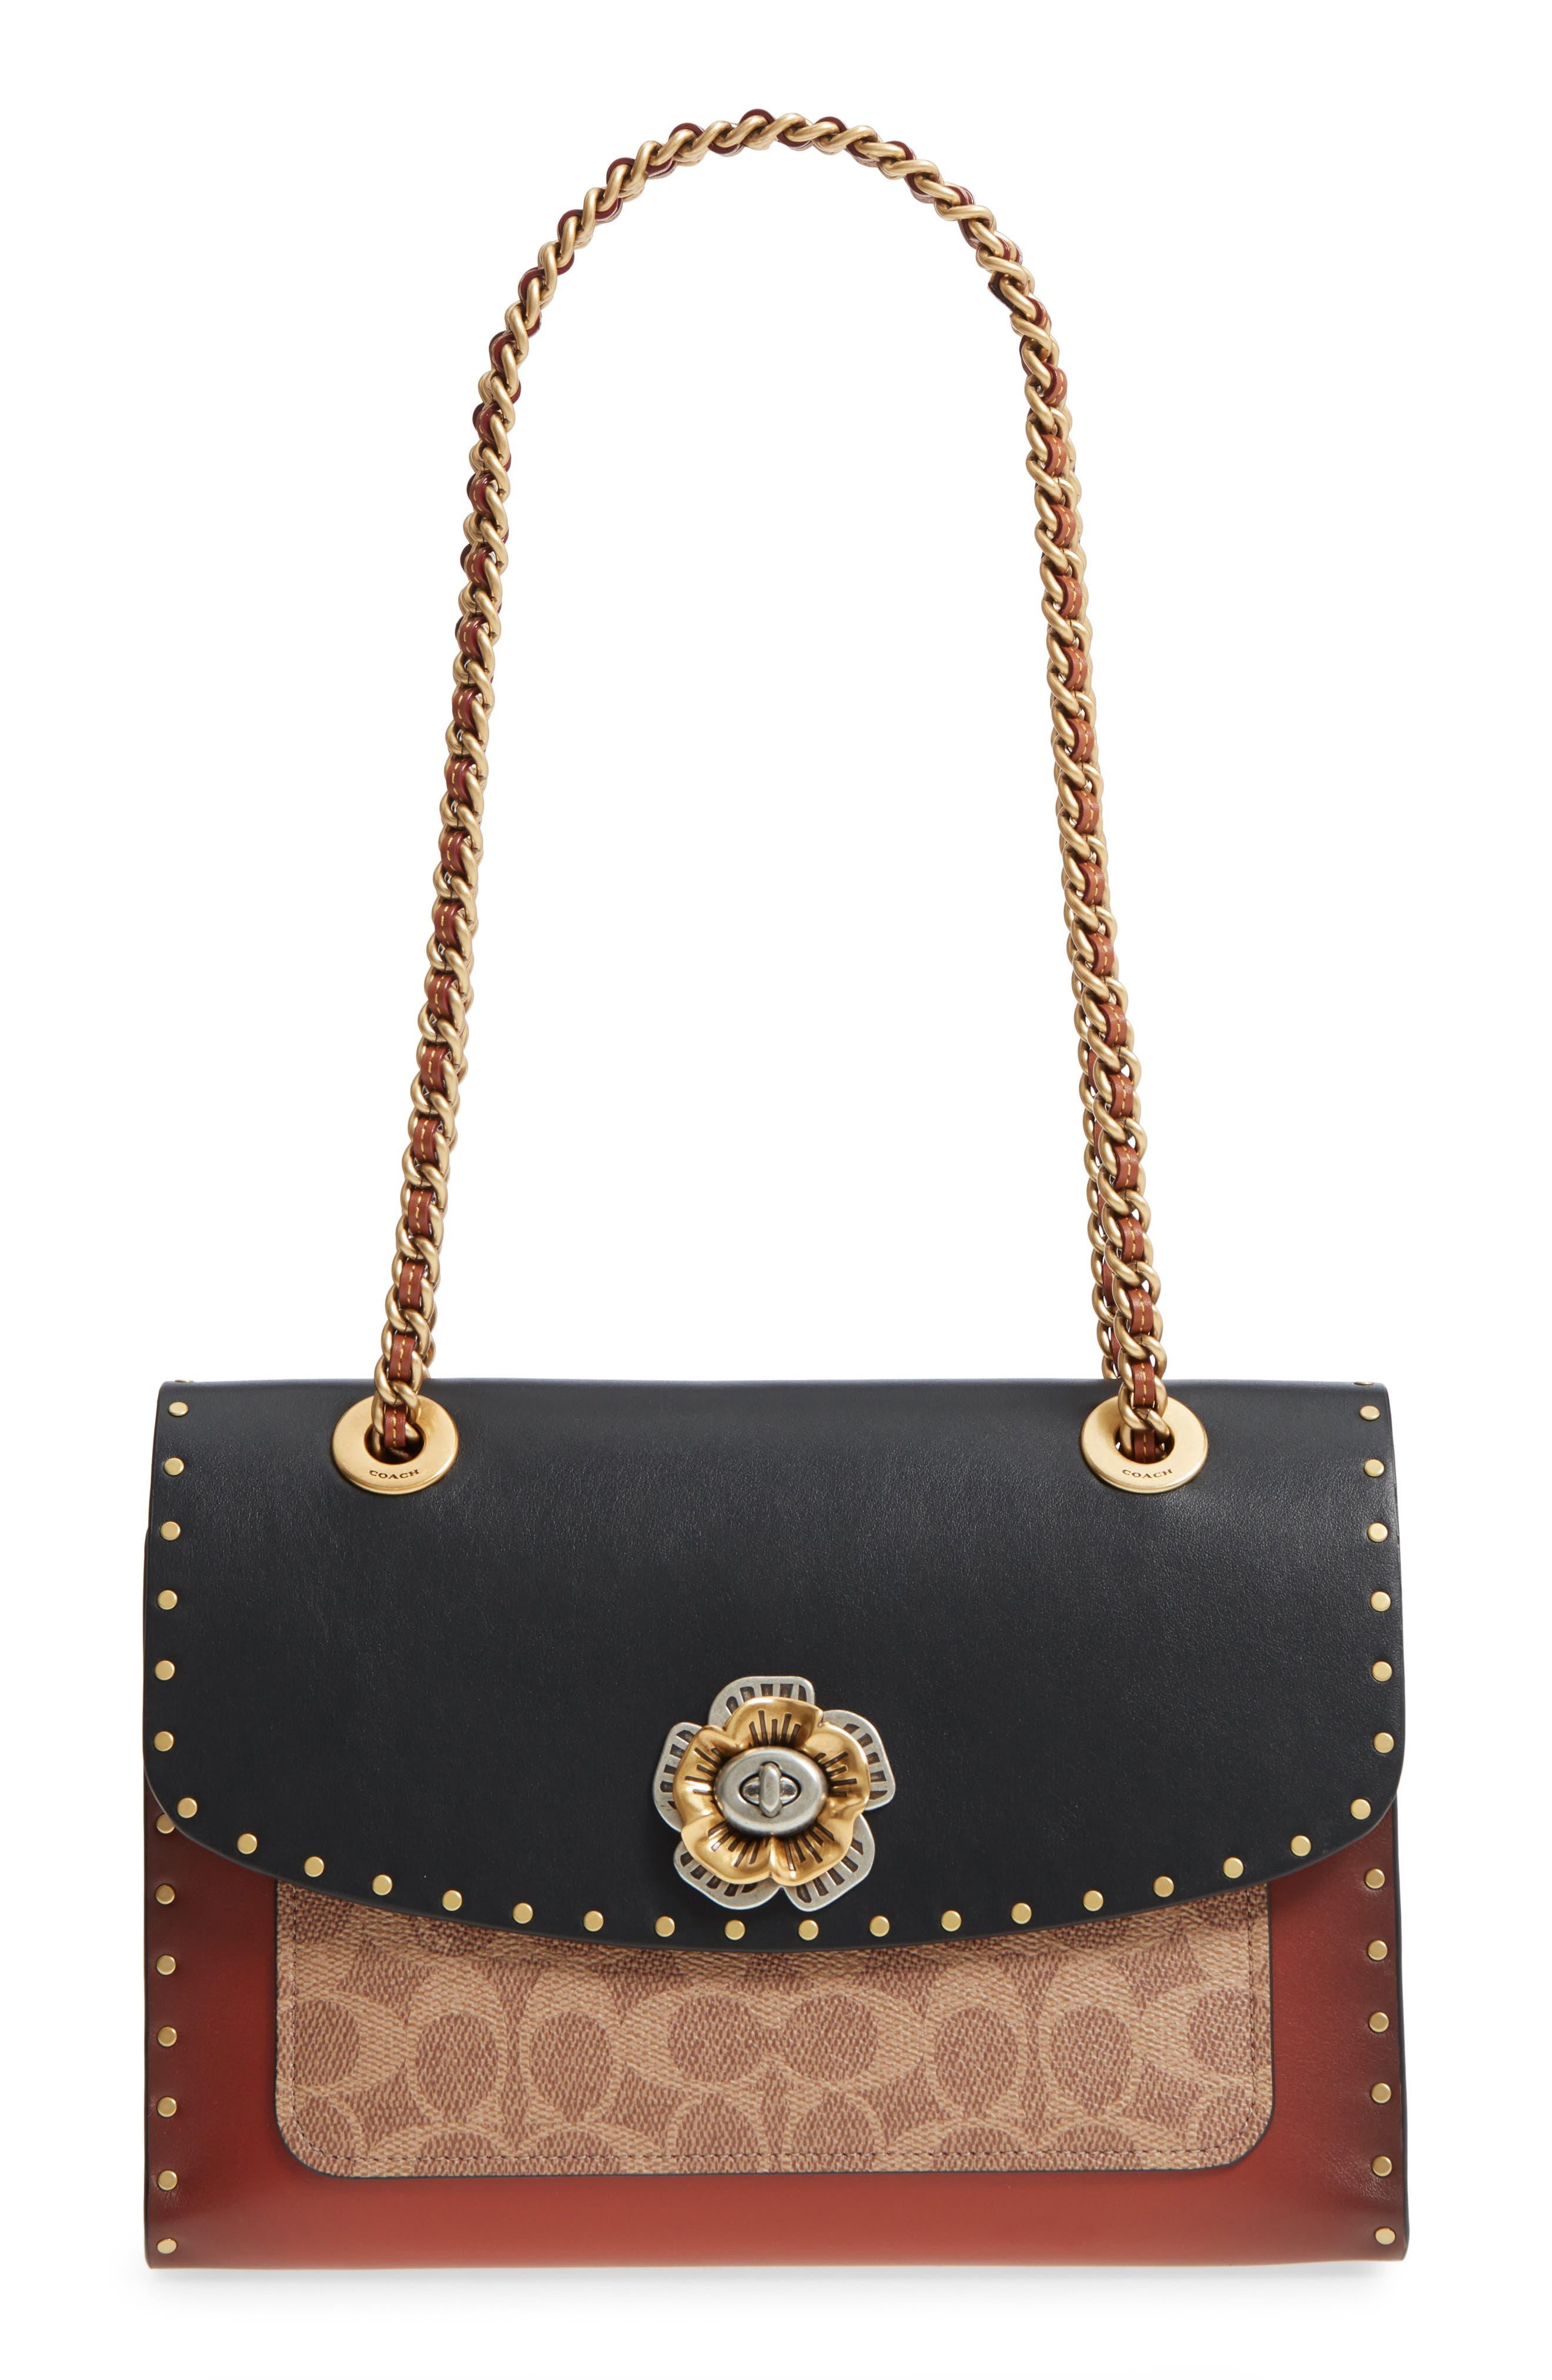 COACH, Parker Leather & Genuine Snakeskin Shoulder Bag, Main thumbnail 1, color, BLACK MULTI